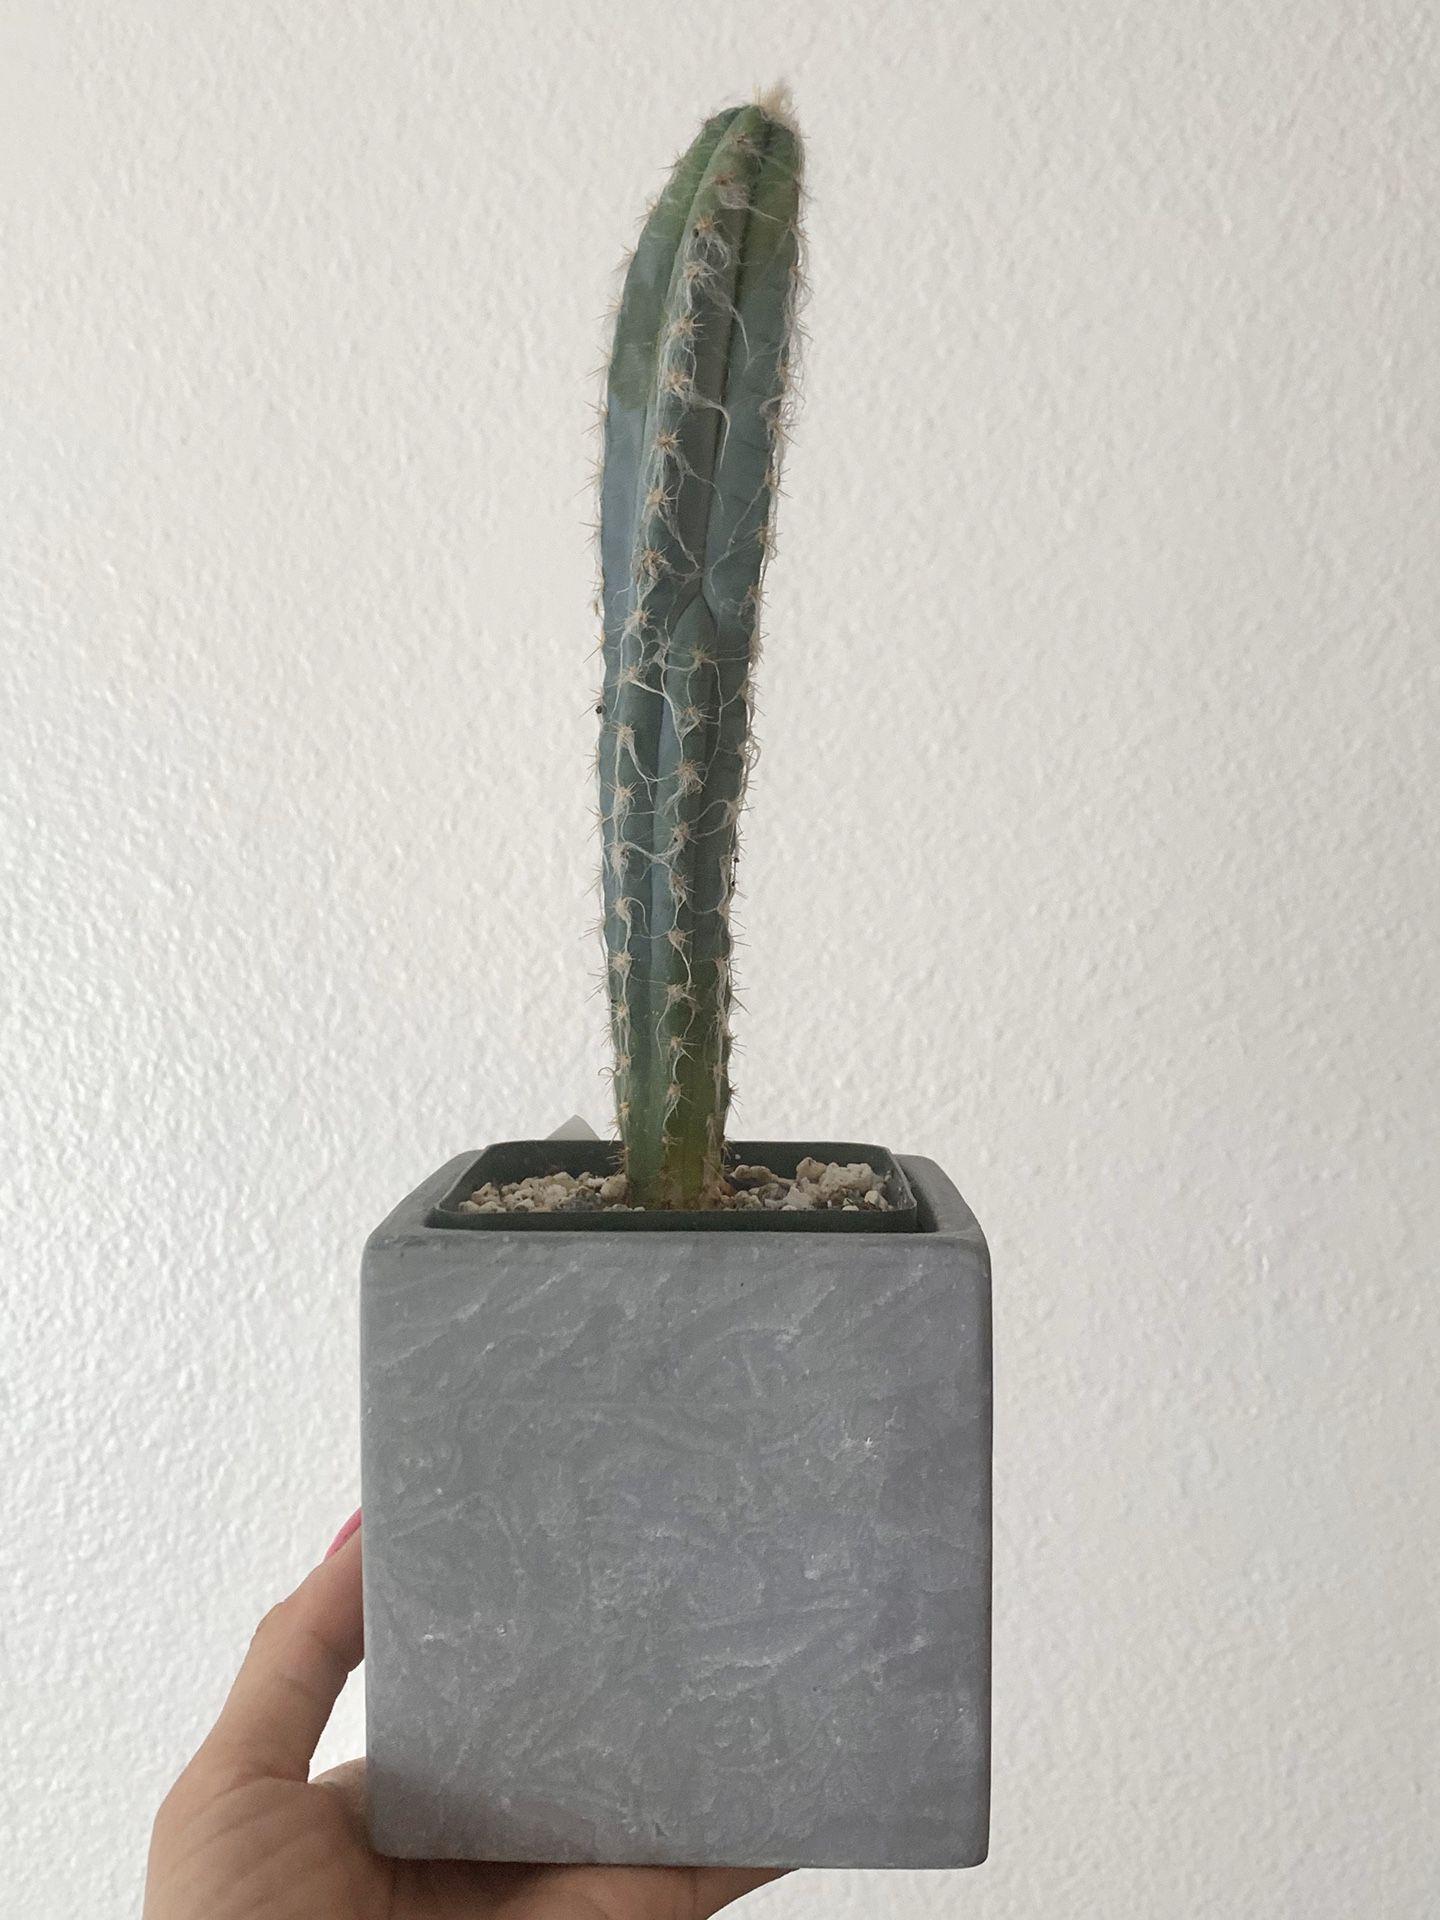 pilocereus glaucescens blue cactus rare!